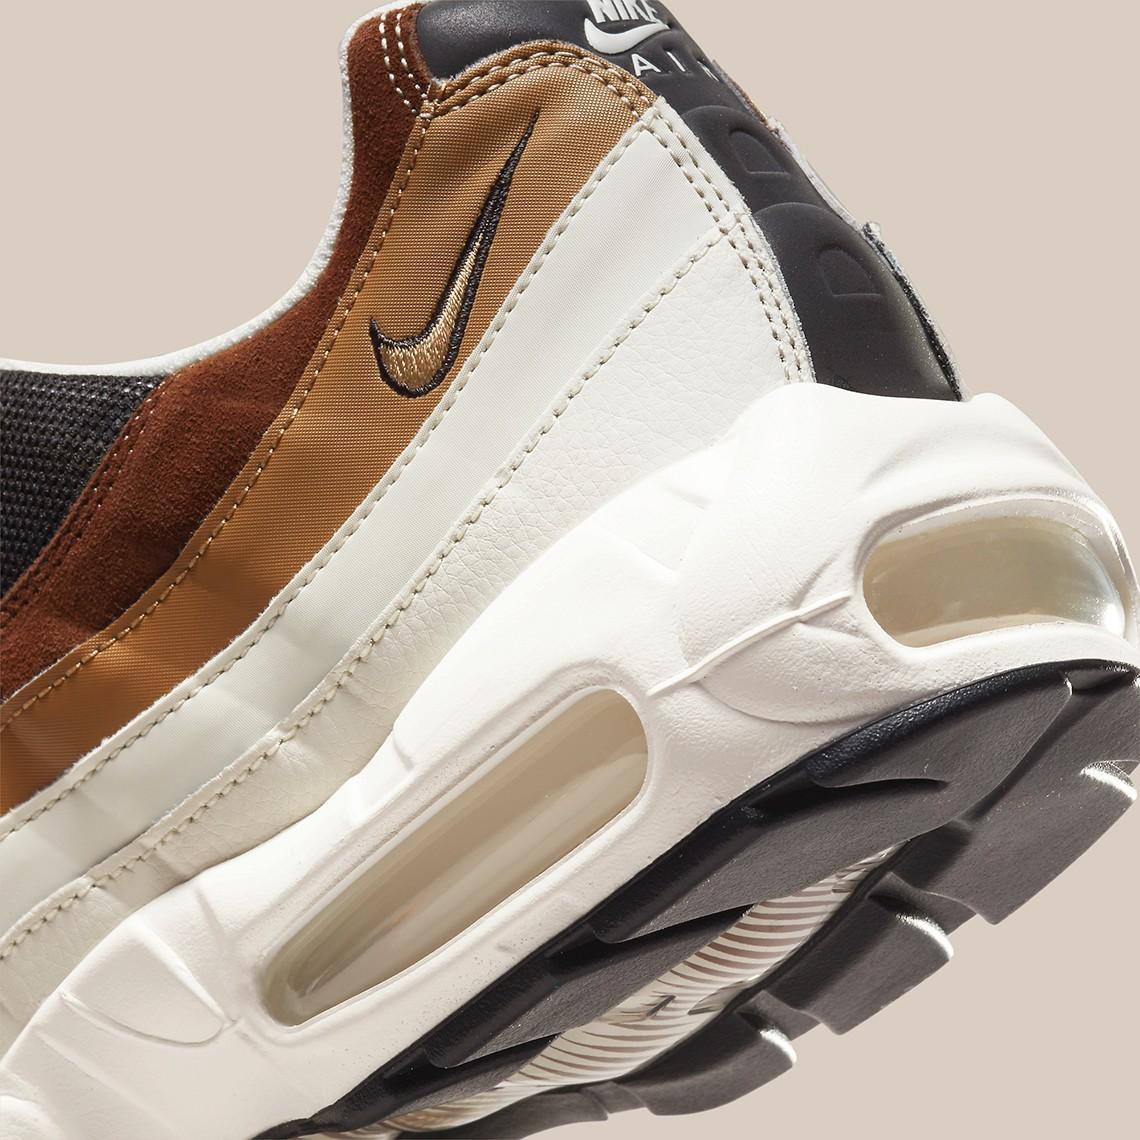 Nike,Air Max 95  大地色系装扮!全新配色 Air Max 95 官图曝光!